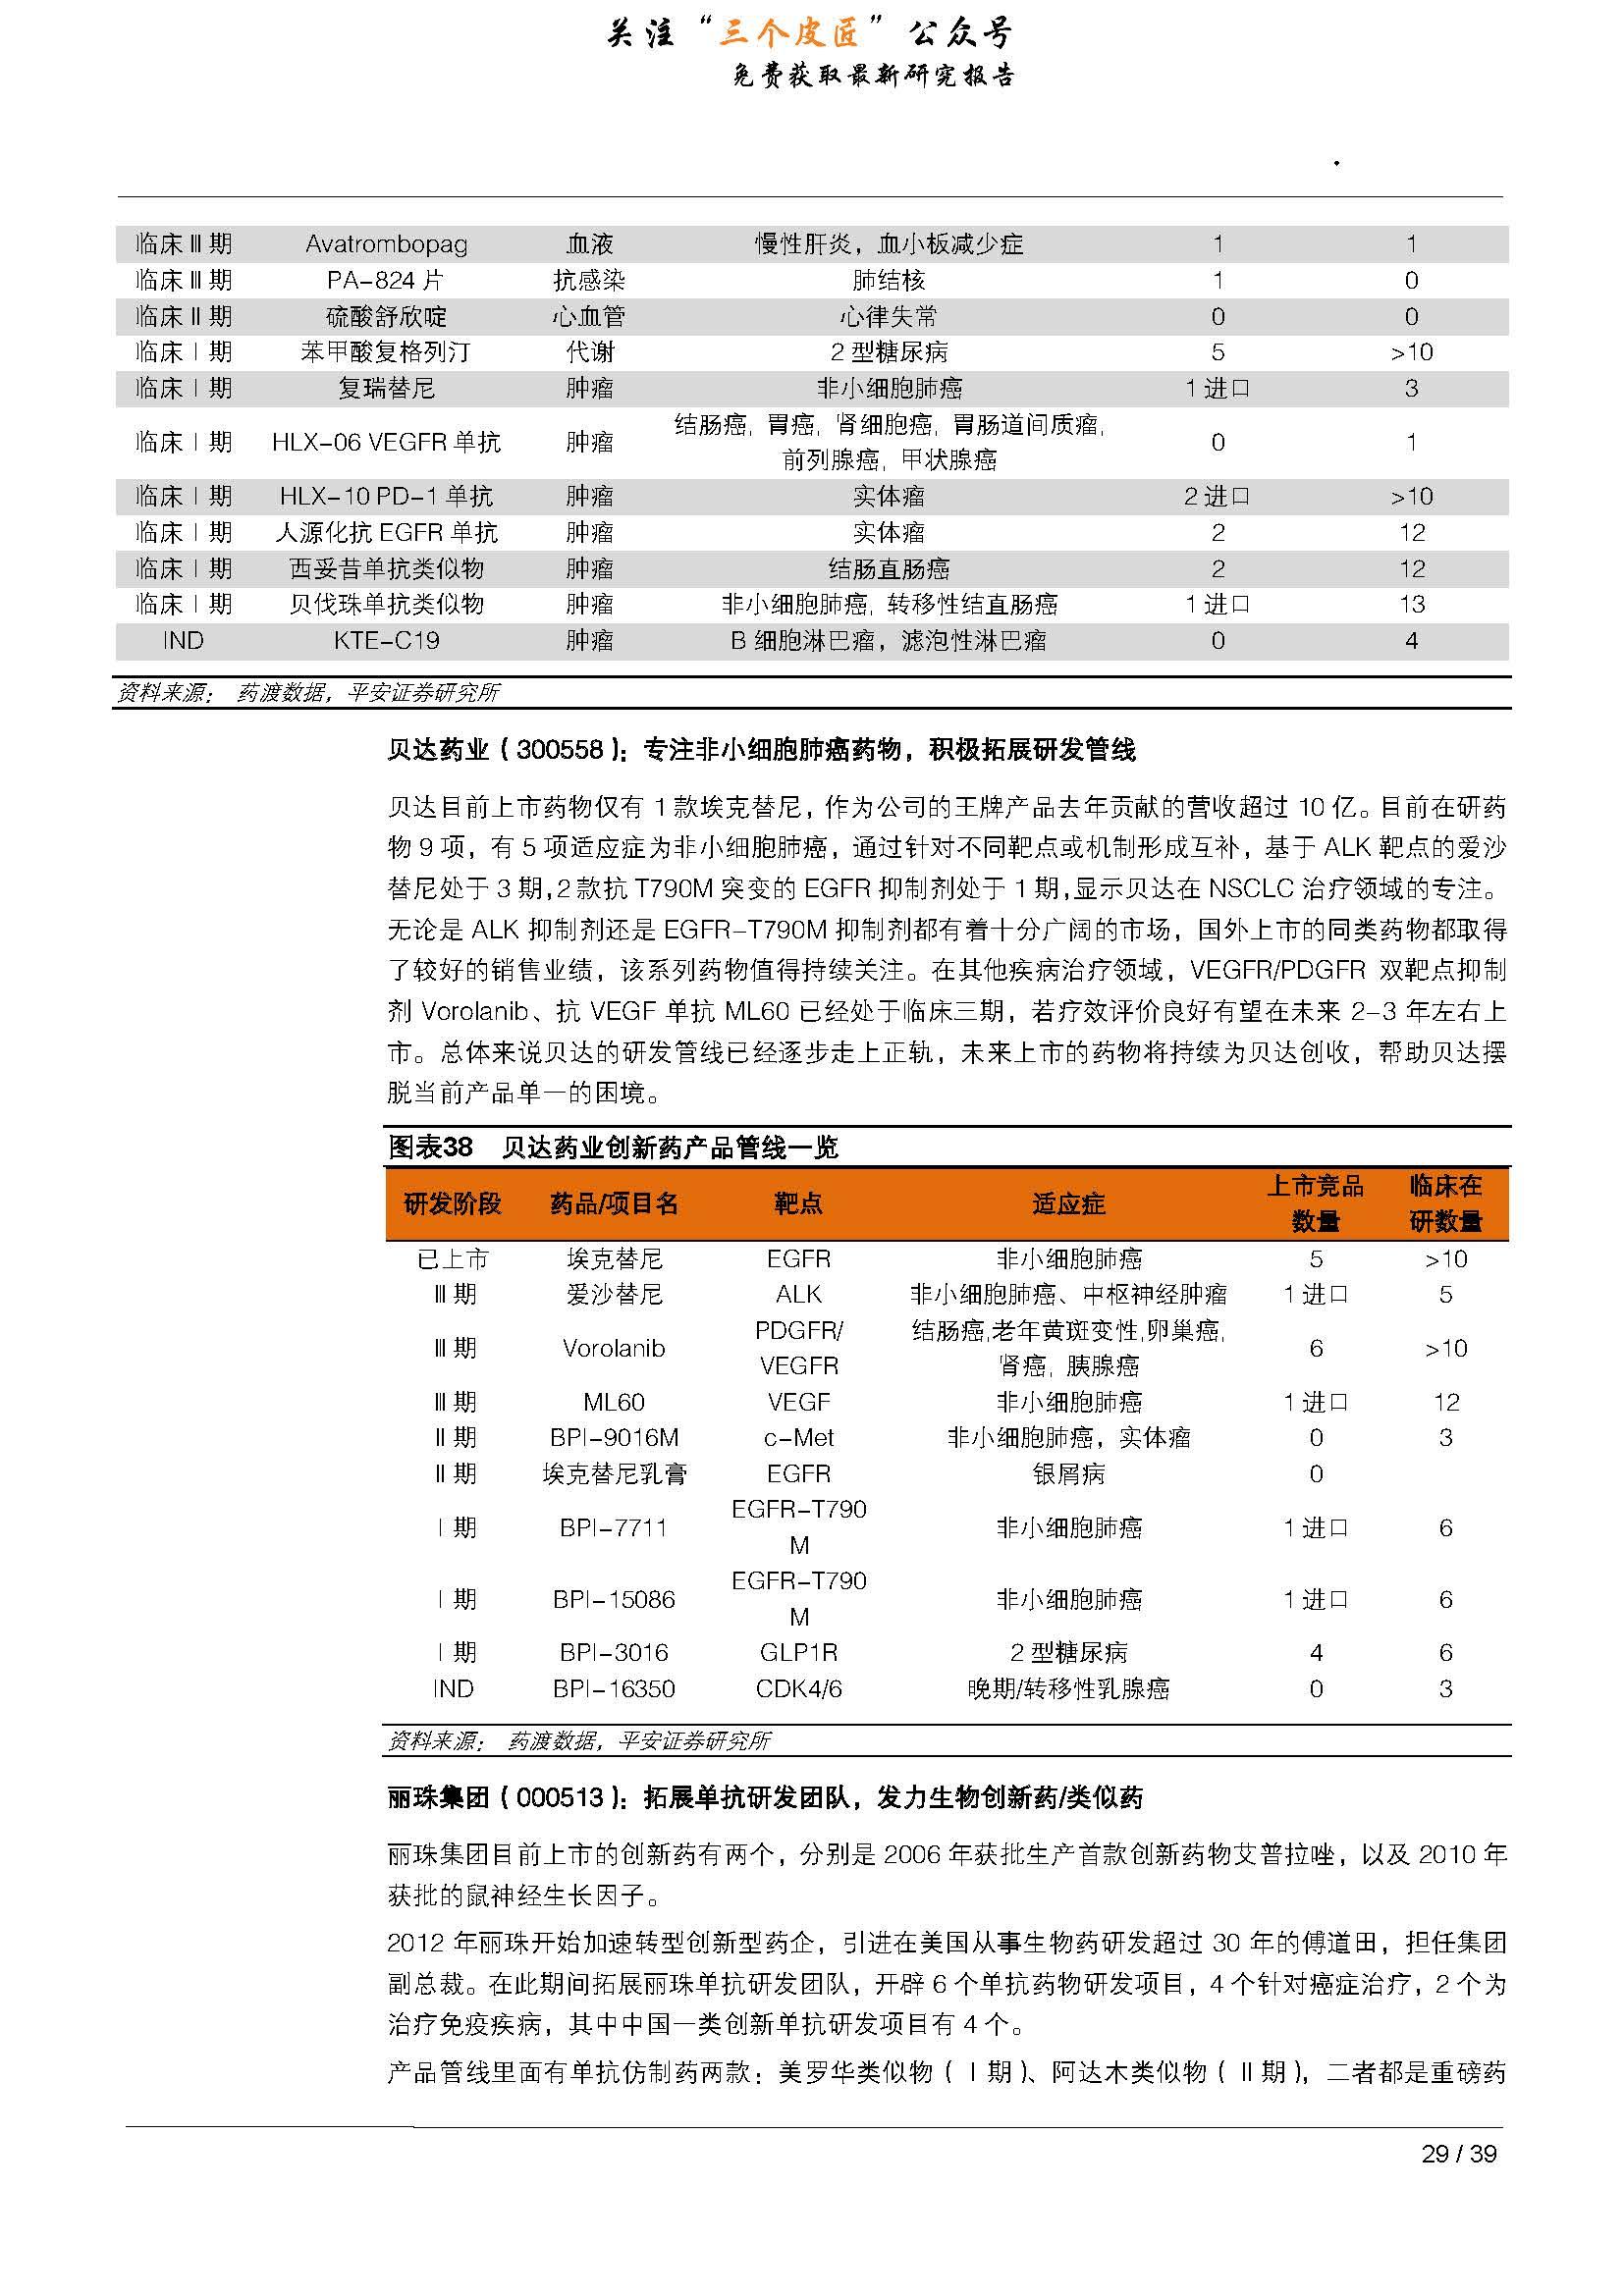 1_页面_29.jpg